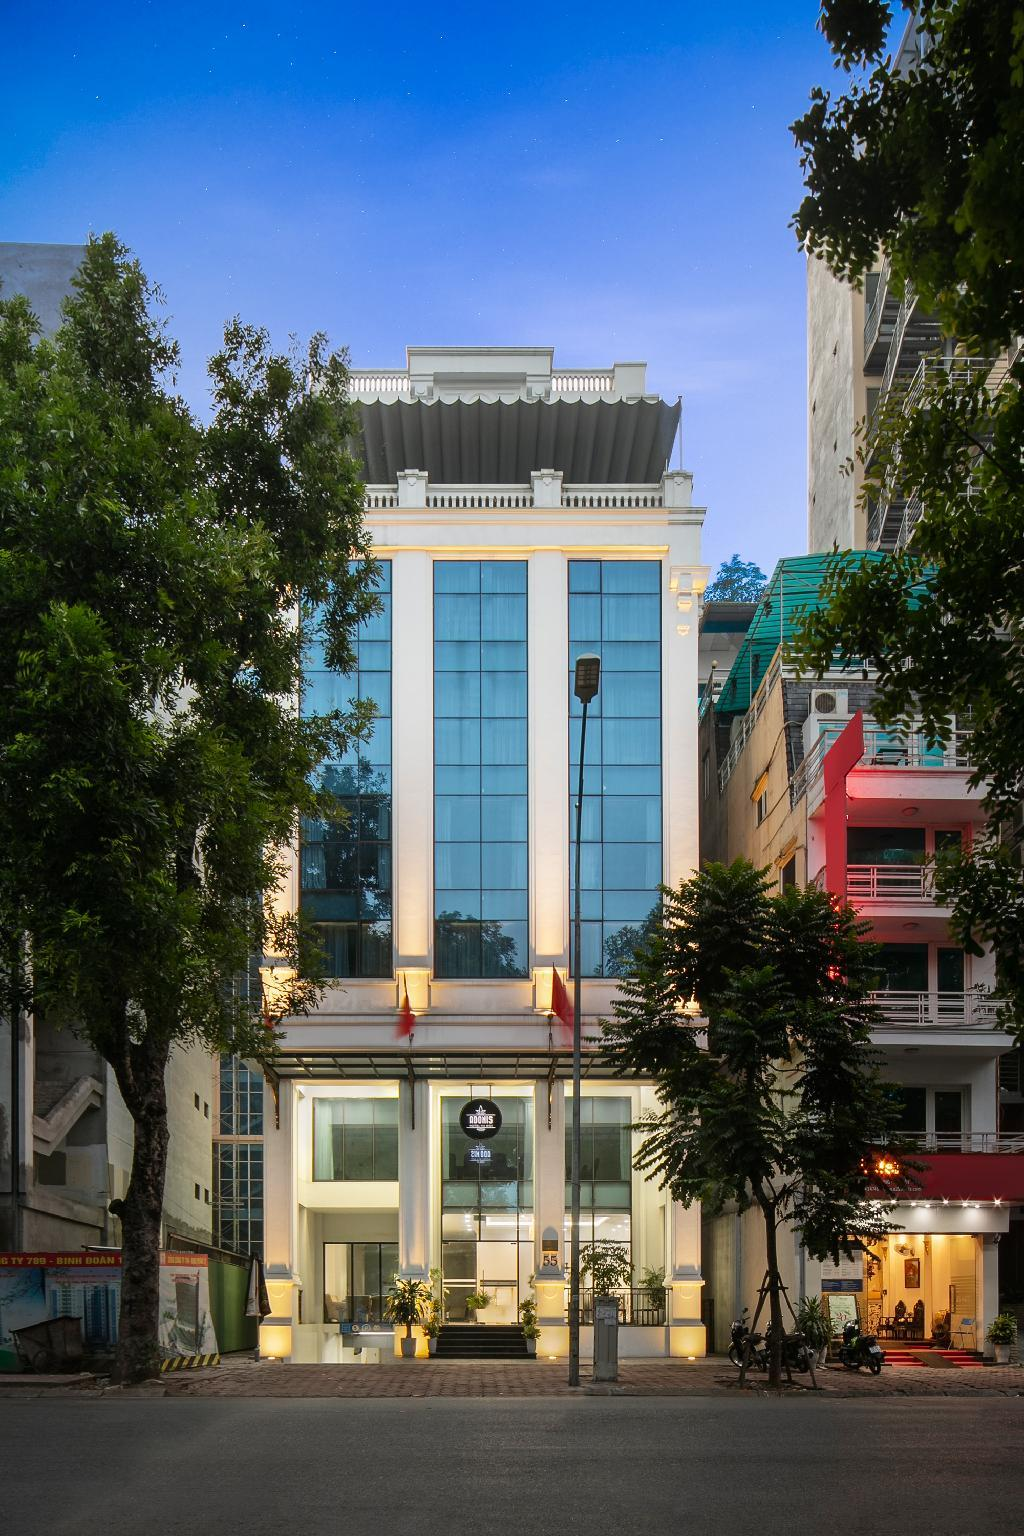 Adonis Hanoi Hotel